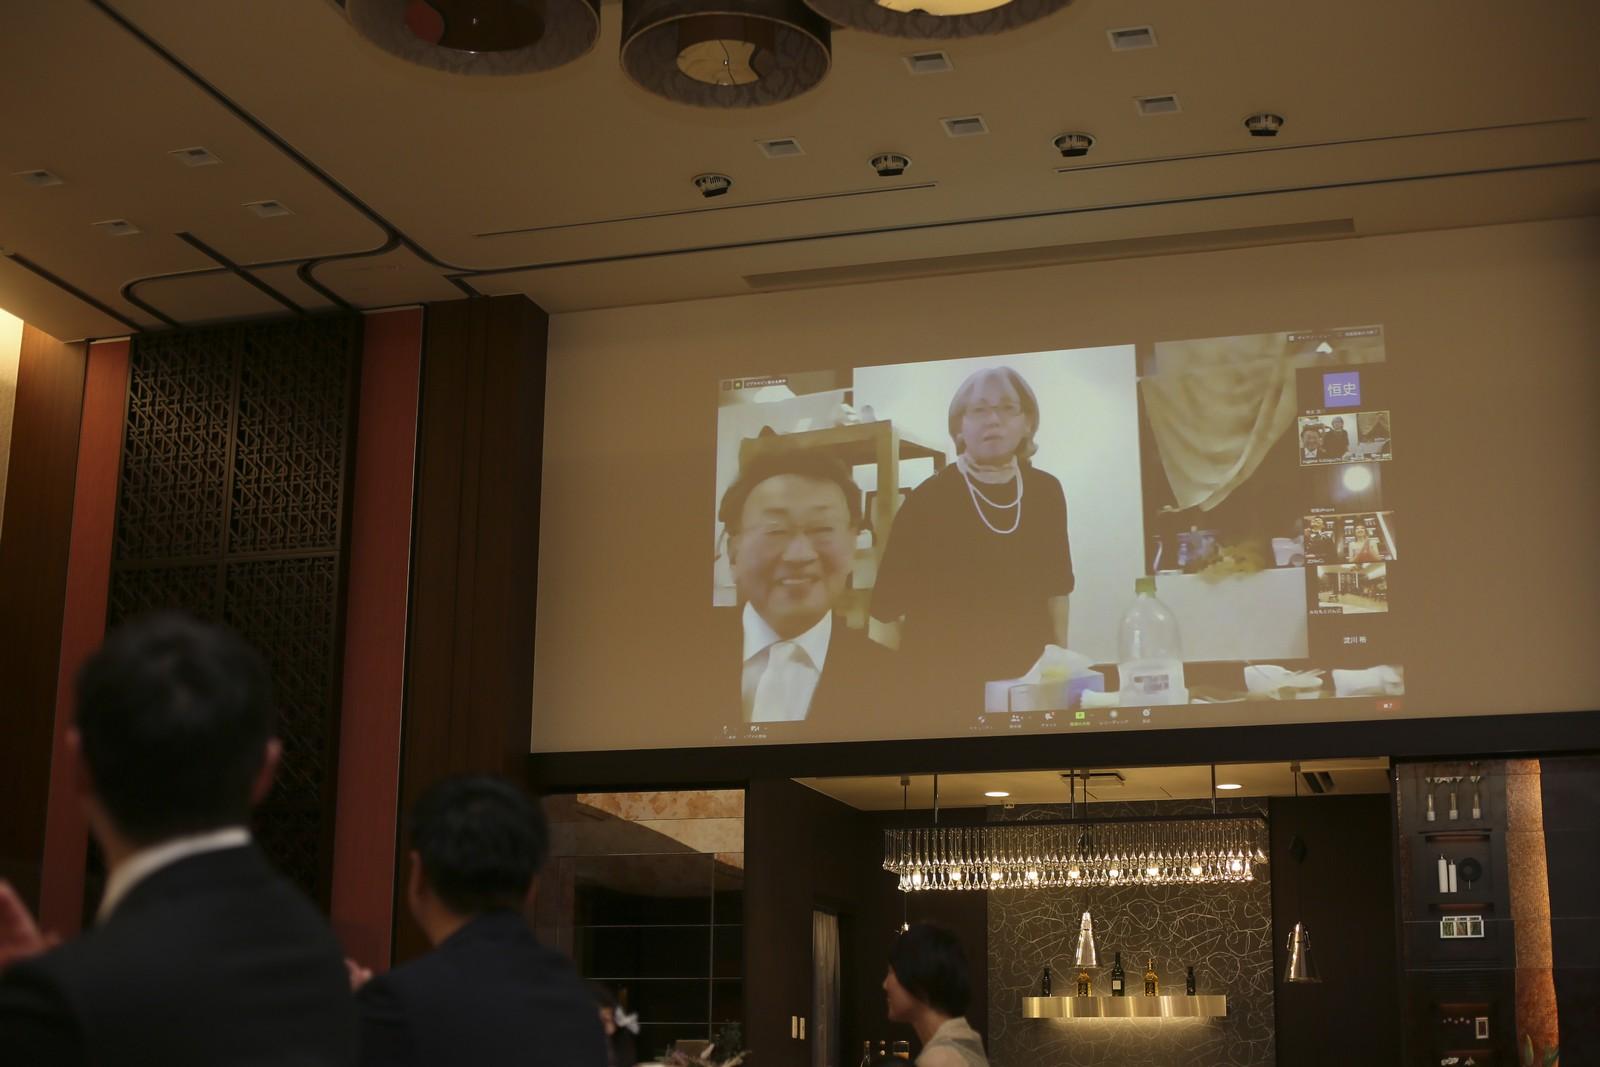 徳島県の結婚式場ブランアンジュでリモート画面を通して親族紹介を実施